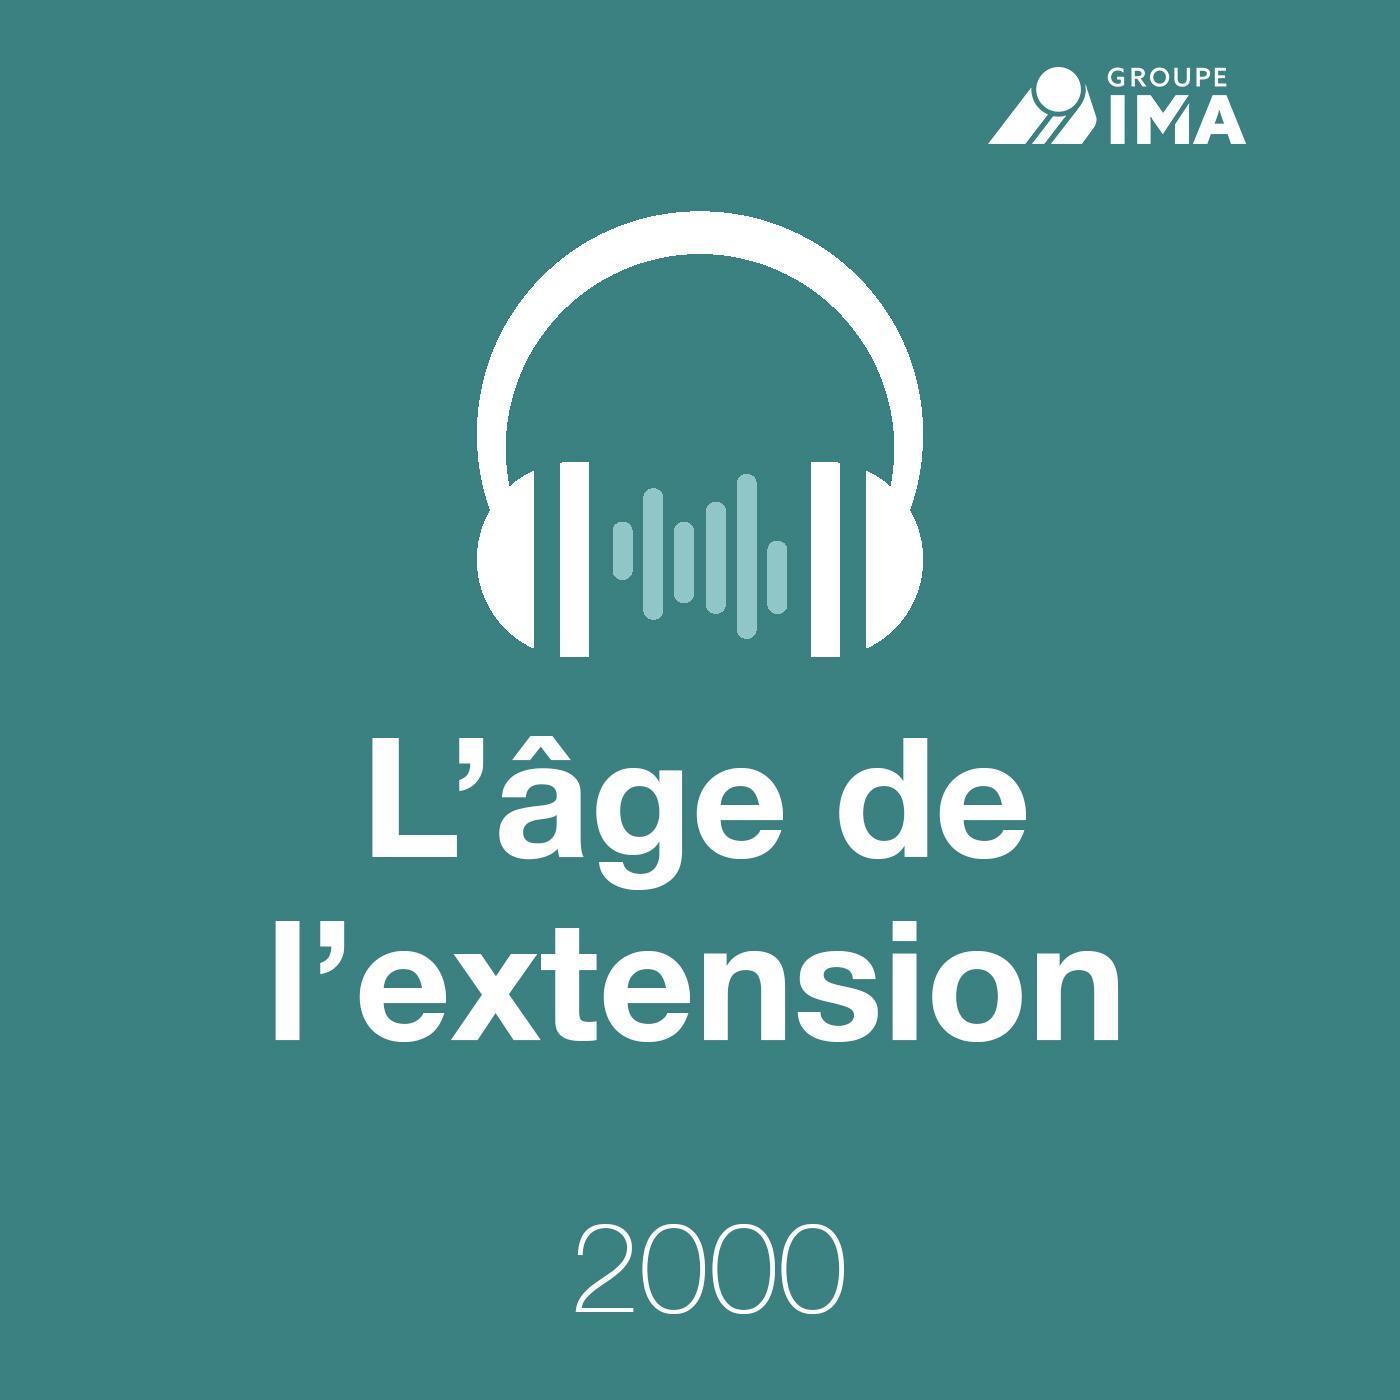 2000, l'âge de l'extension